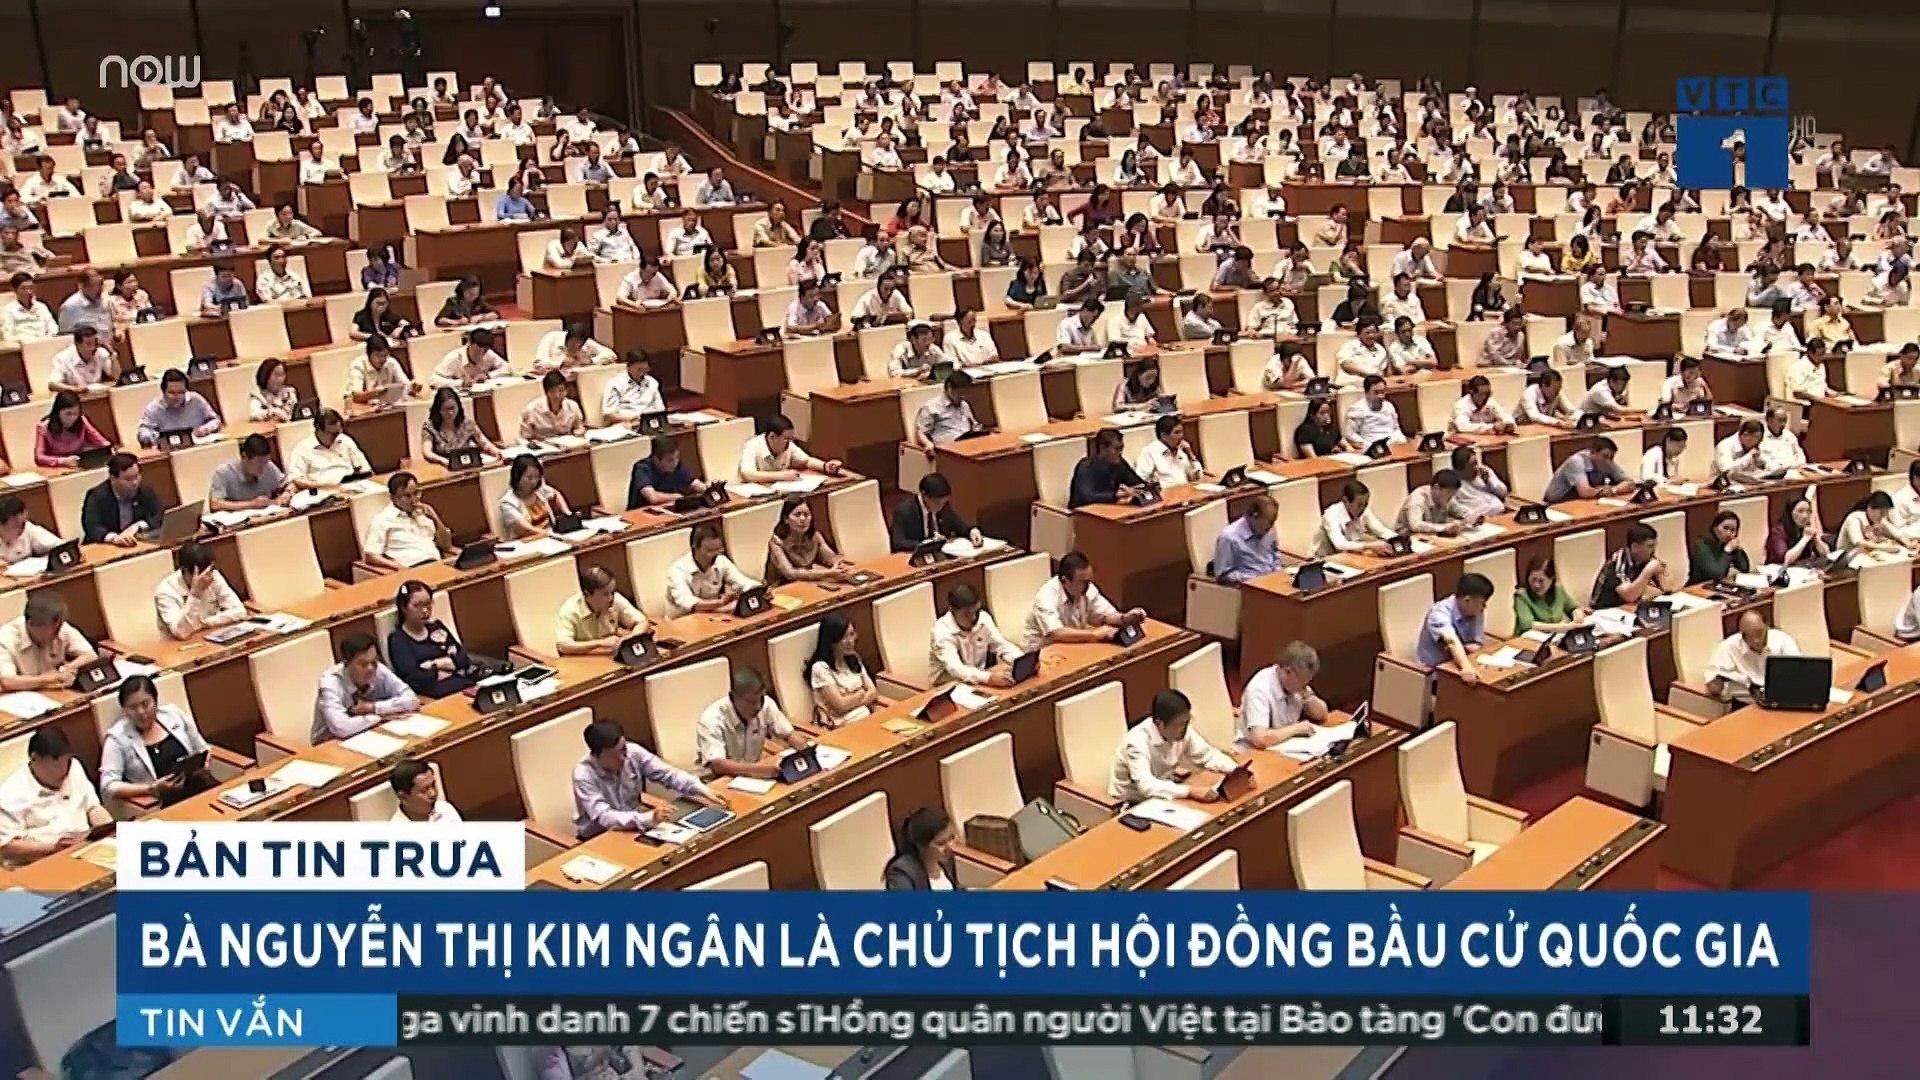 Bà Nguyễn Thị Kim Ngân giữ chức Chủ tịch Hội đồng bầu cử quốc gia